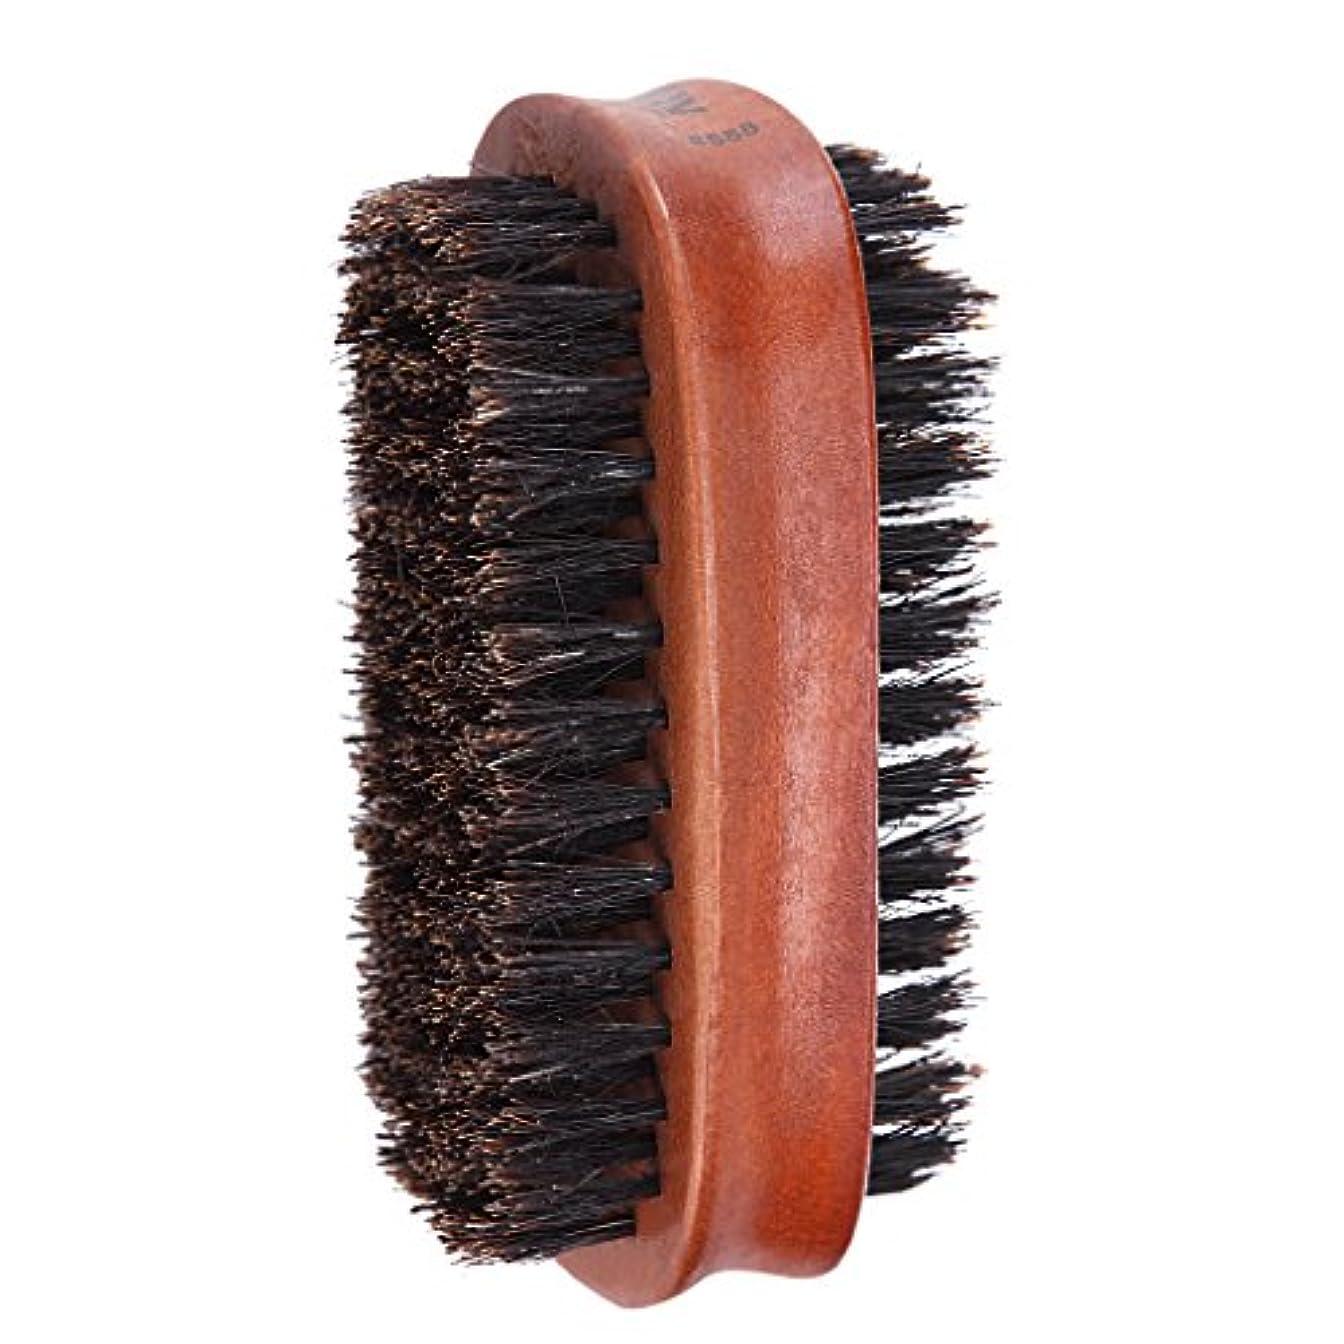 に頼る後継学部Toygogo ヘアブラシ 両面ブラシ 男性 髭 口ひげ グルーミングブラシ ブリストルブラシ